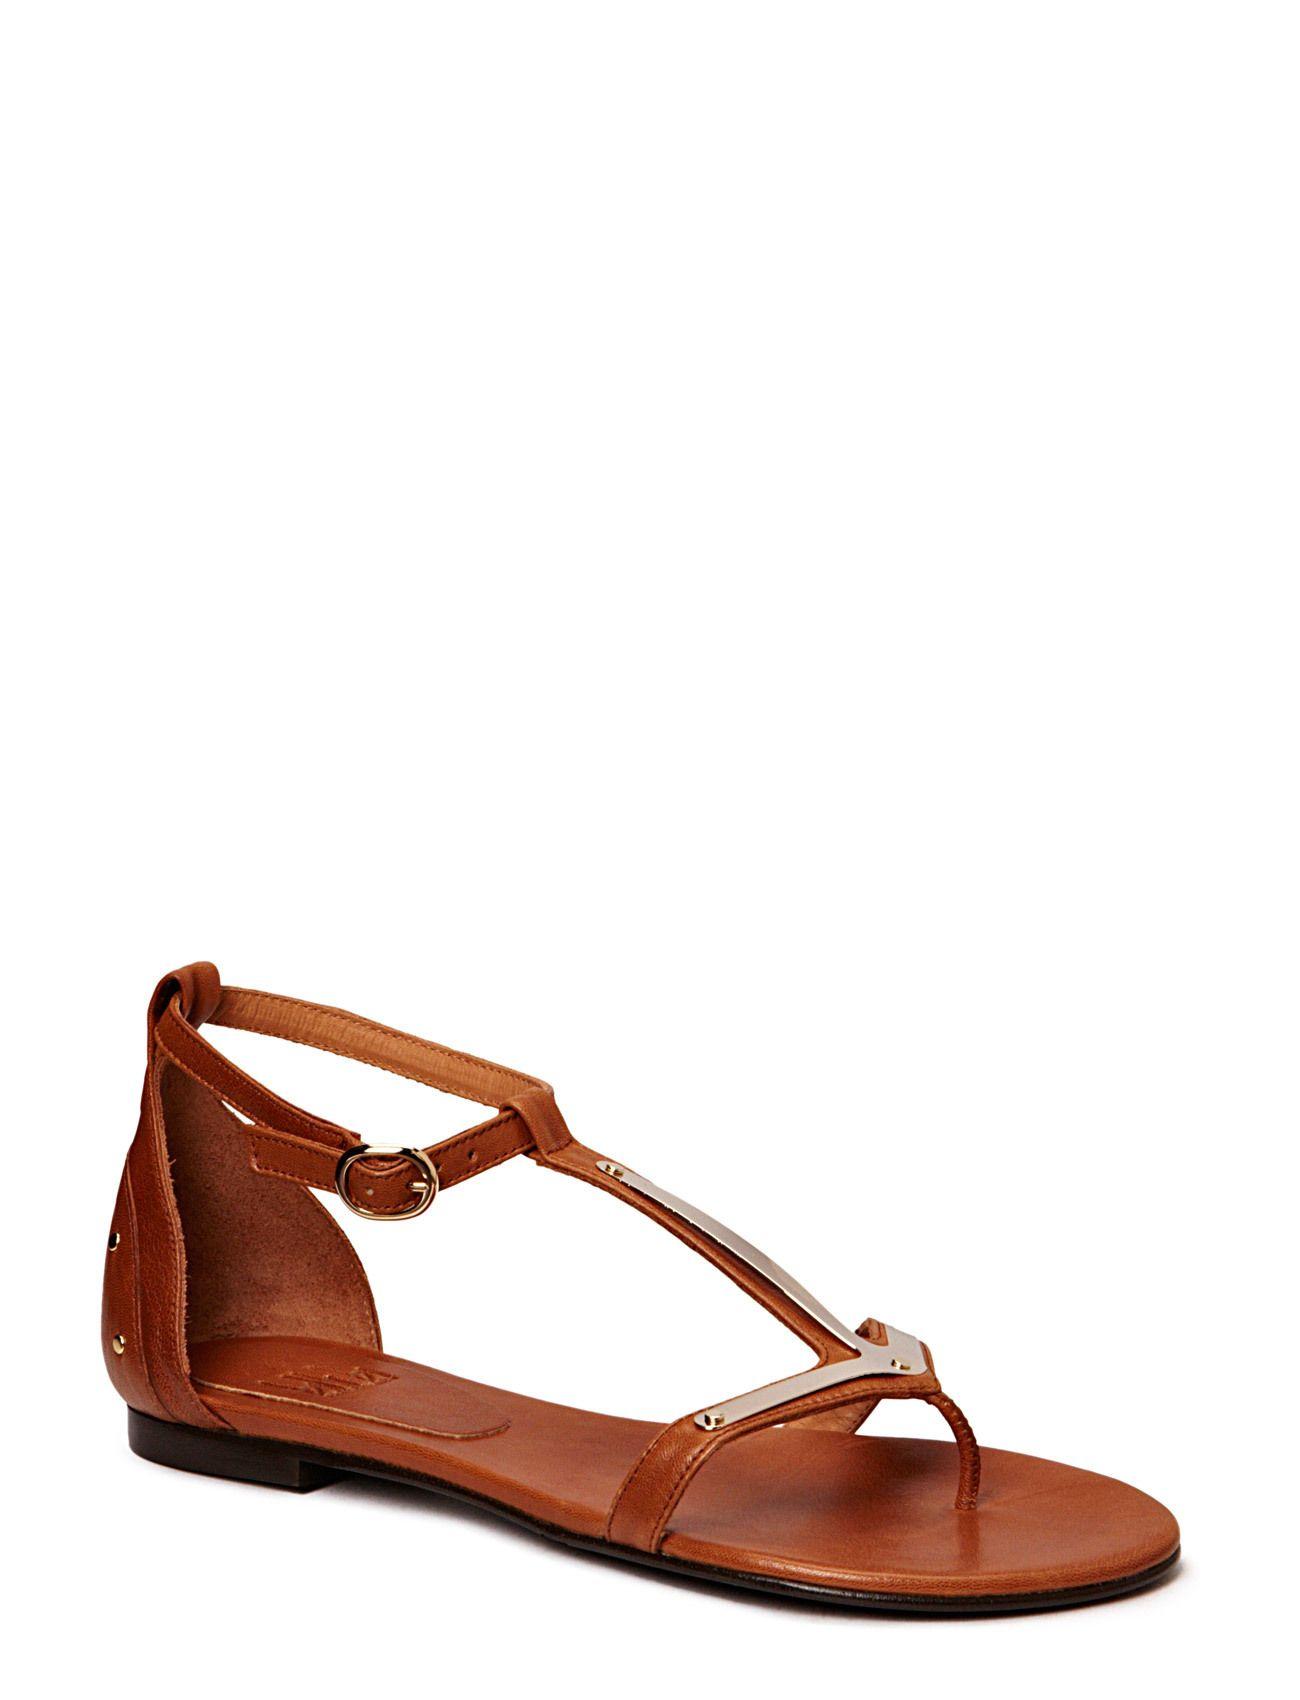 Billi Bi Flat sandal